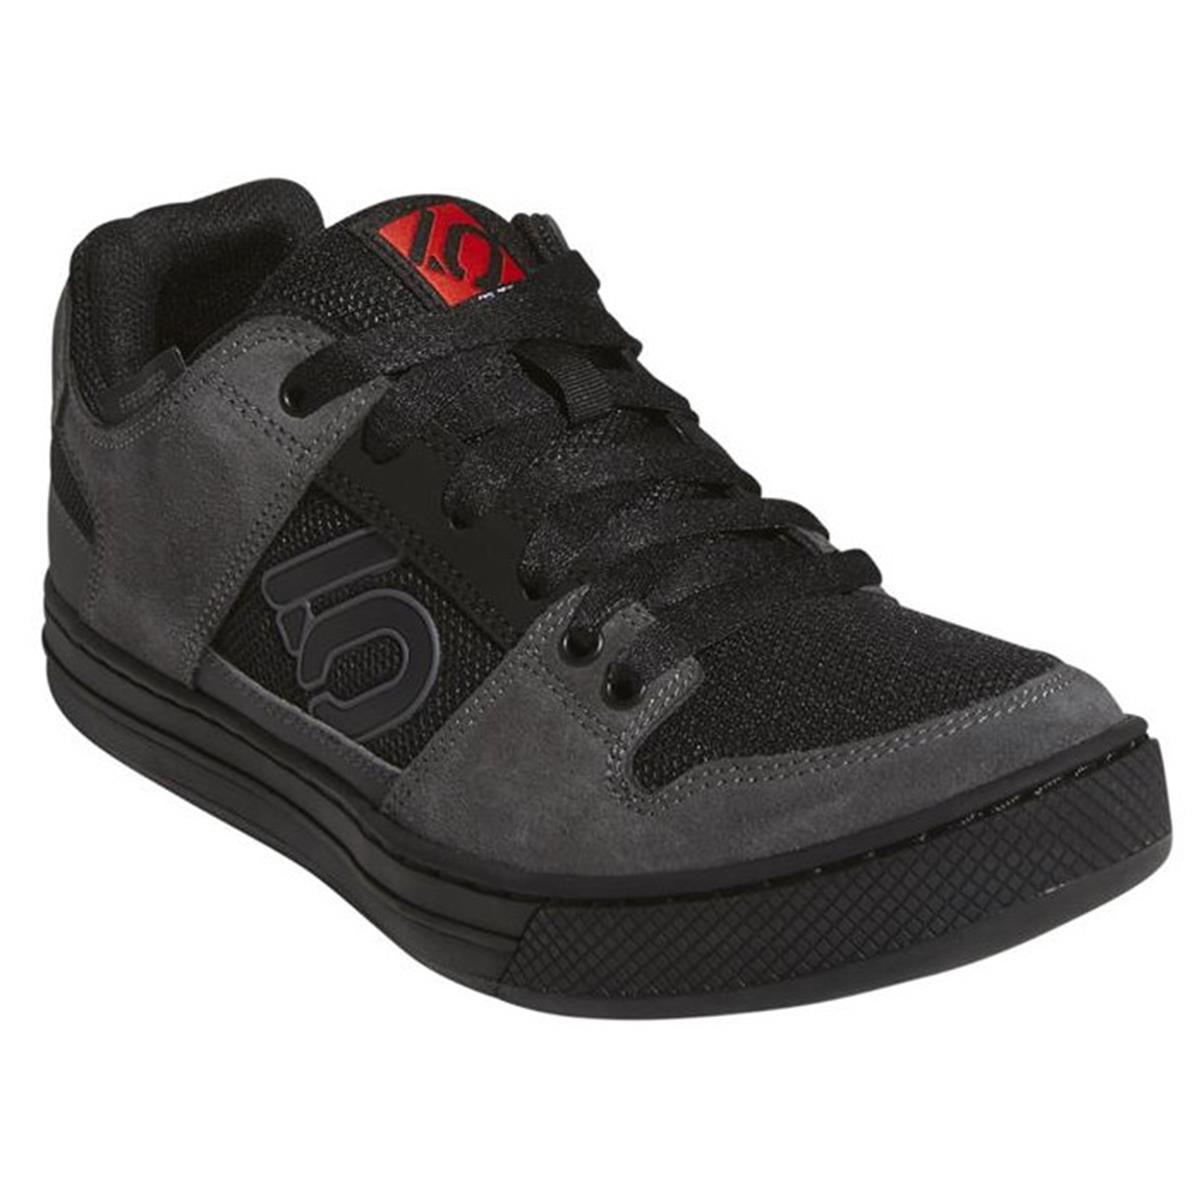 Five Ten MTB Schuhe Freerider Core BlackGrey FiveRed